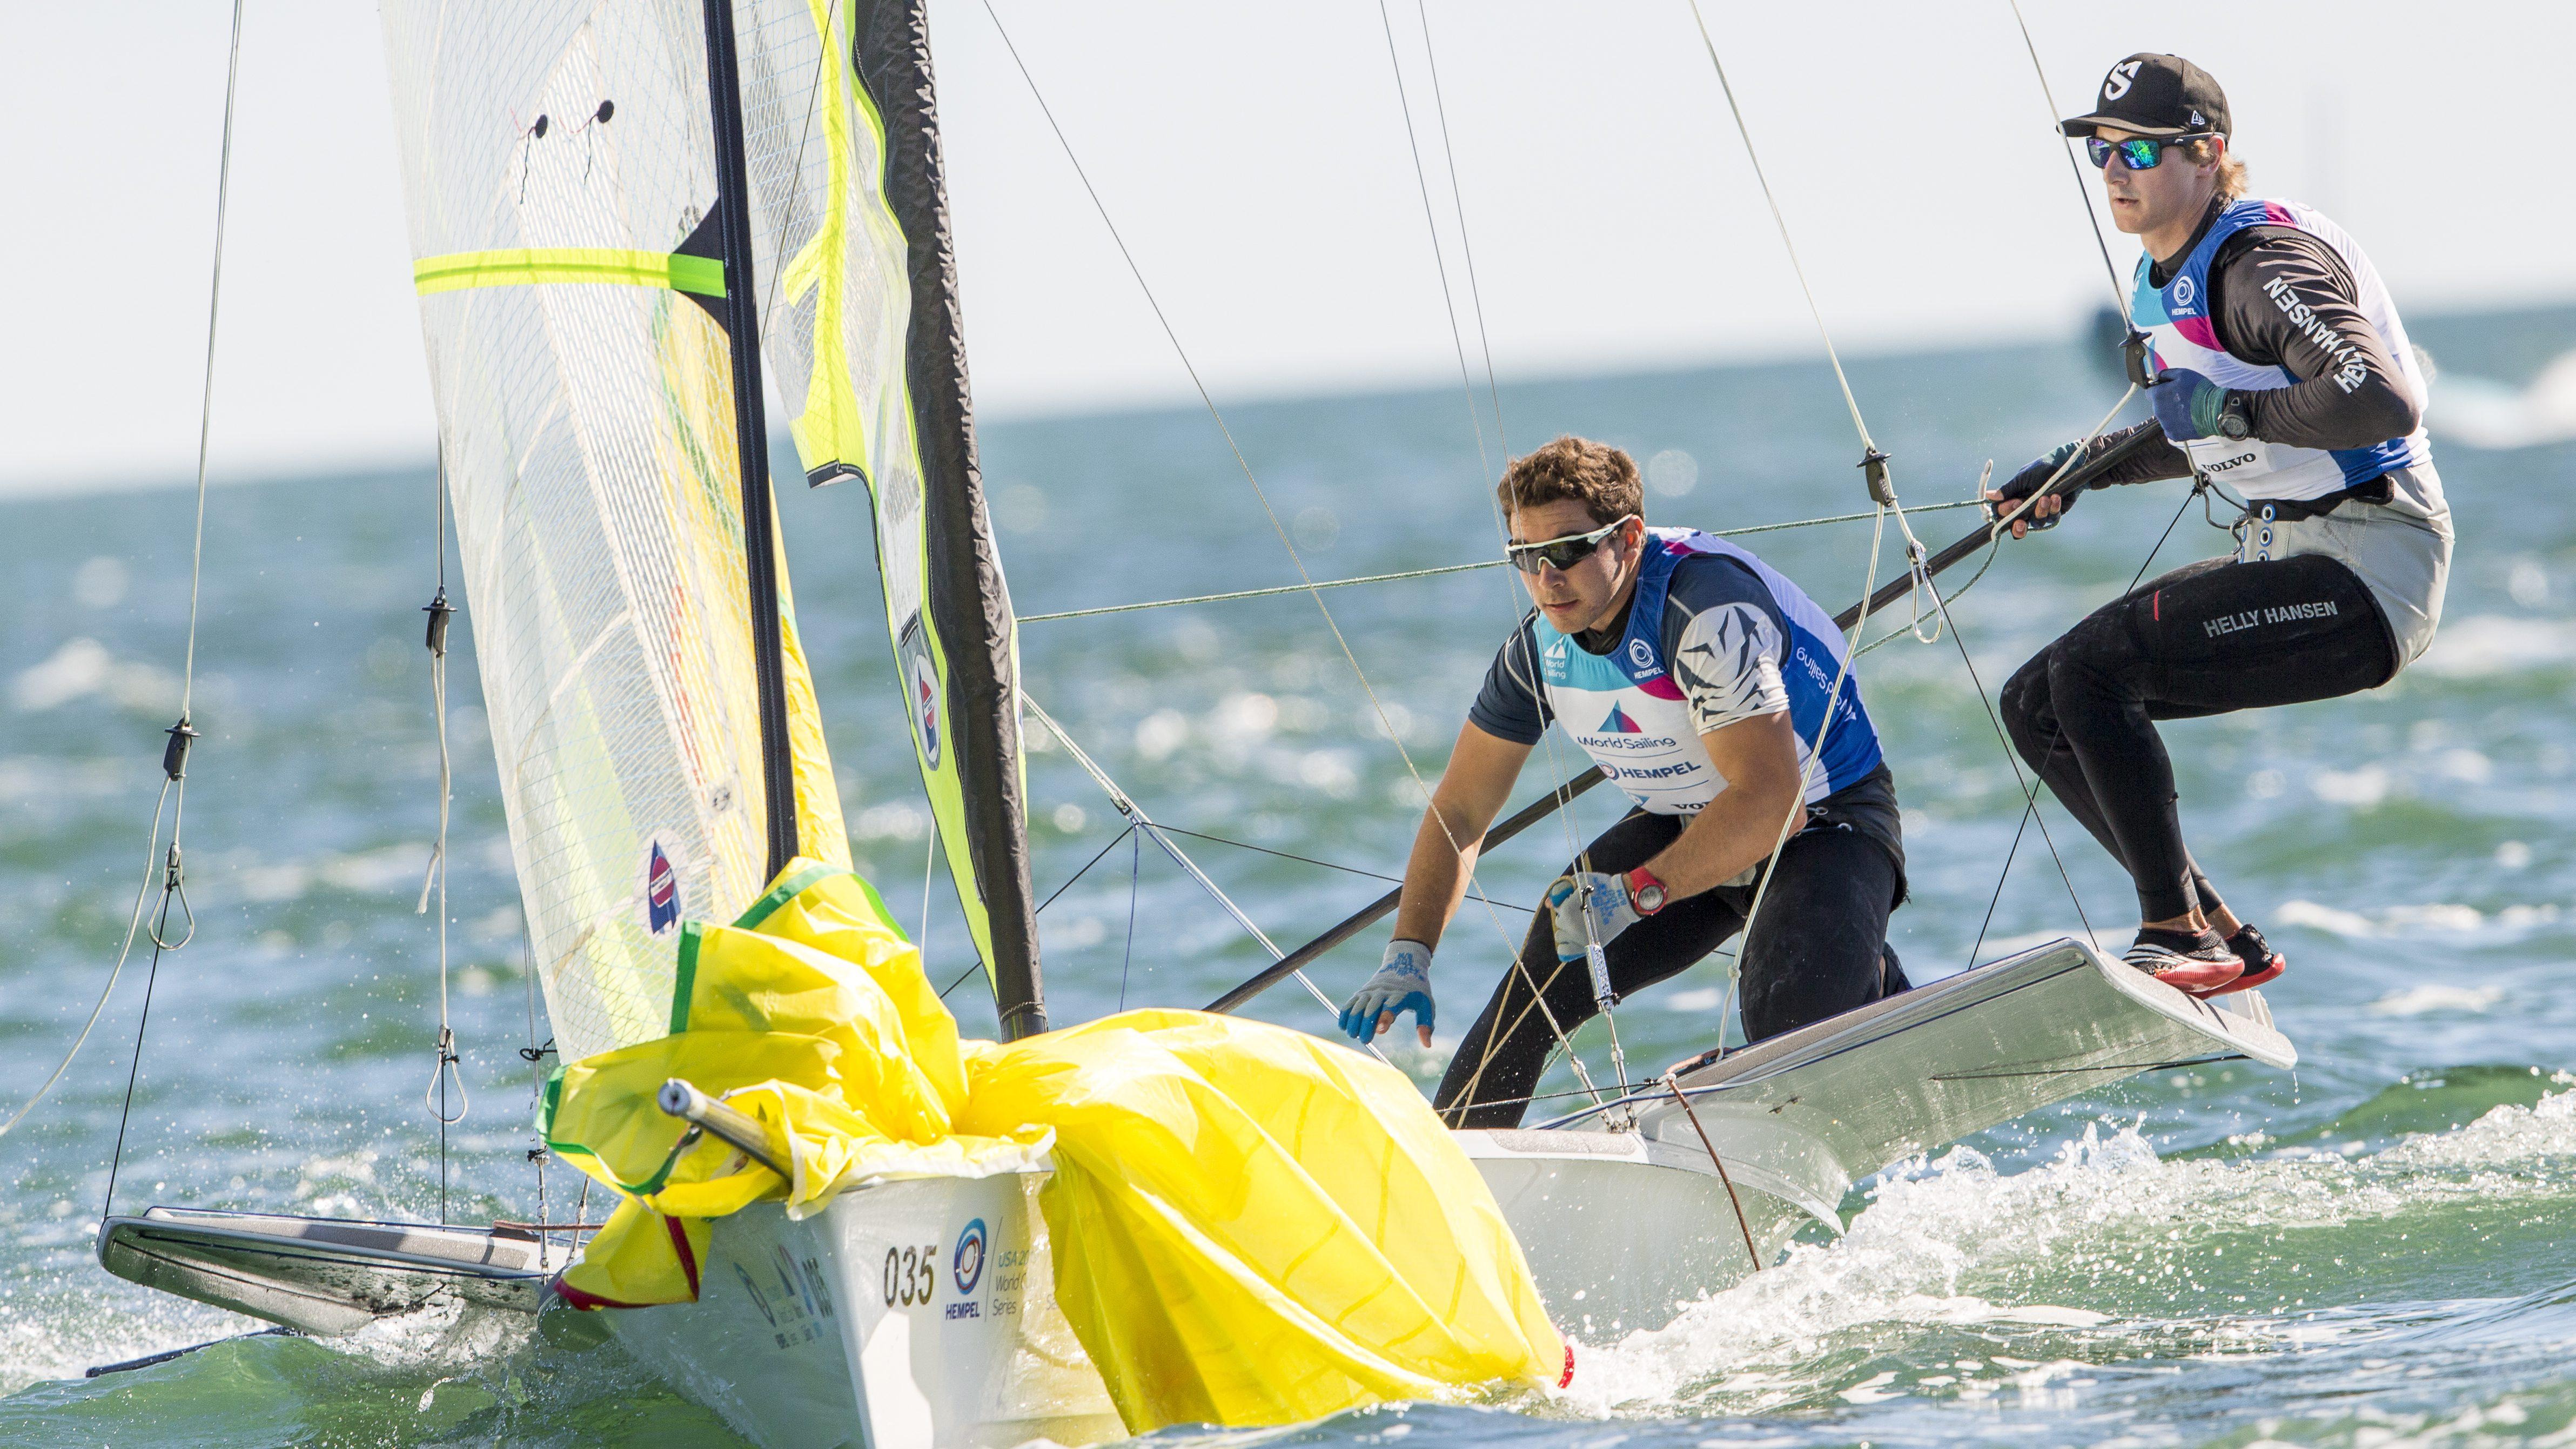 William Jones and Evan DePaul racing on their boat